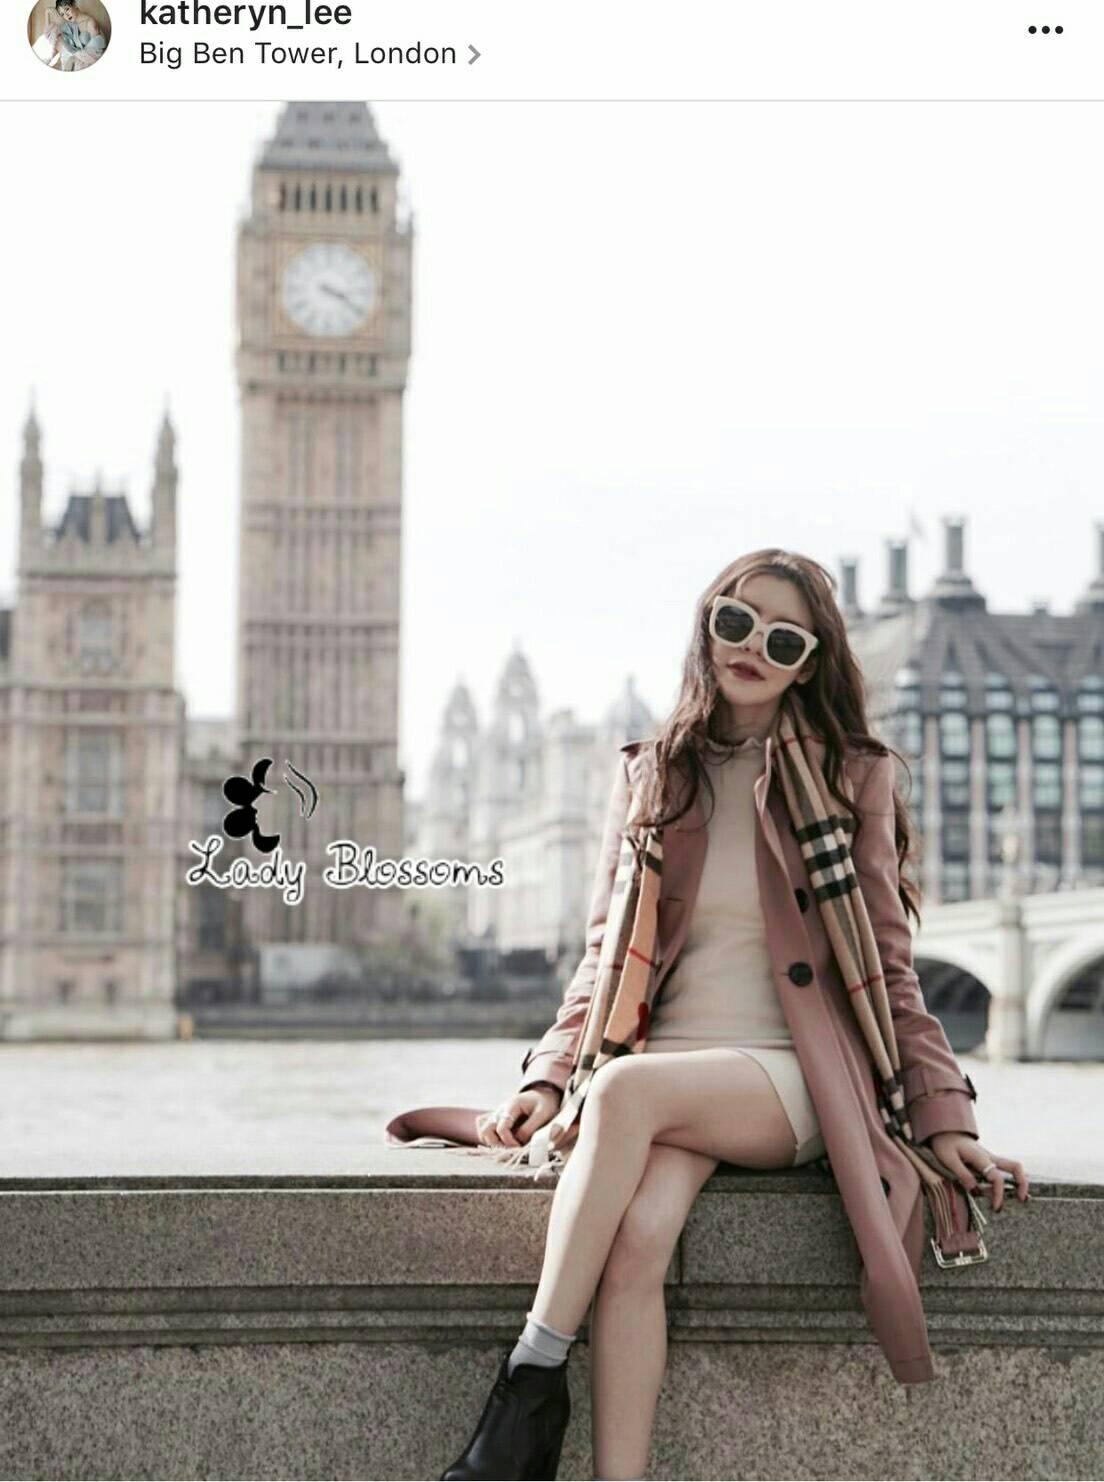 ผืนใหญ่กว้าง ใช้คลุมไหล่ ใช้ห่มได้ผ้านุ่มสุดๆๆ คุณภาพเหมือนช็อป ผ้าทอลายสัญลักษณ์ แบรนด์ สวยคมชัด ตรงชายมีพู่สวยงาม ผ้านุ่มม